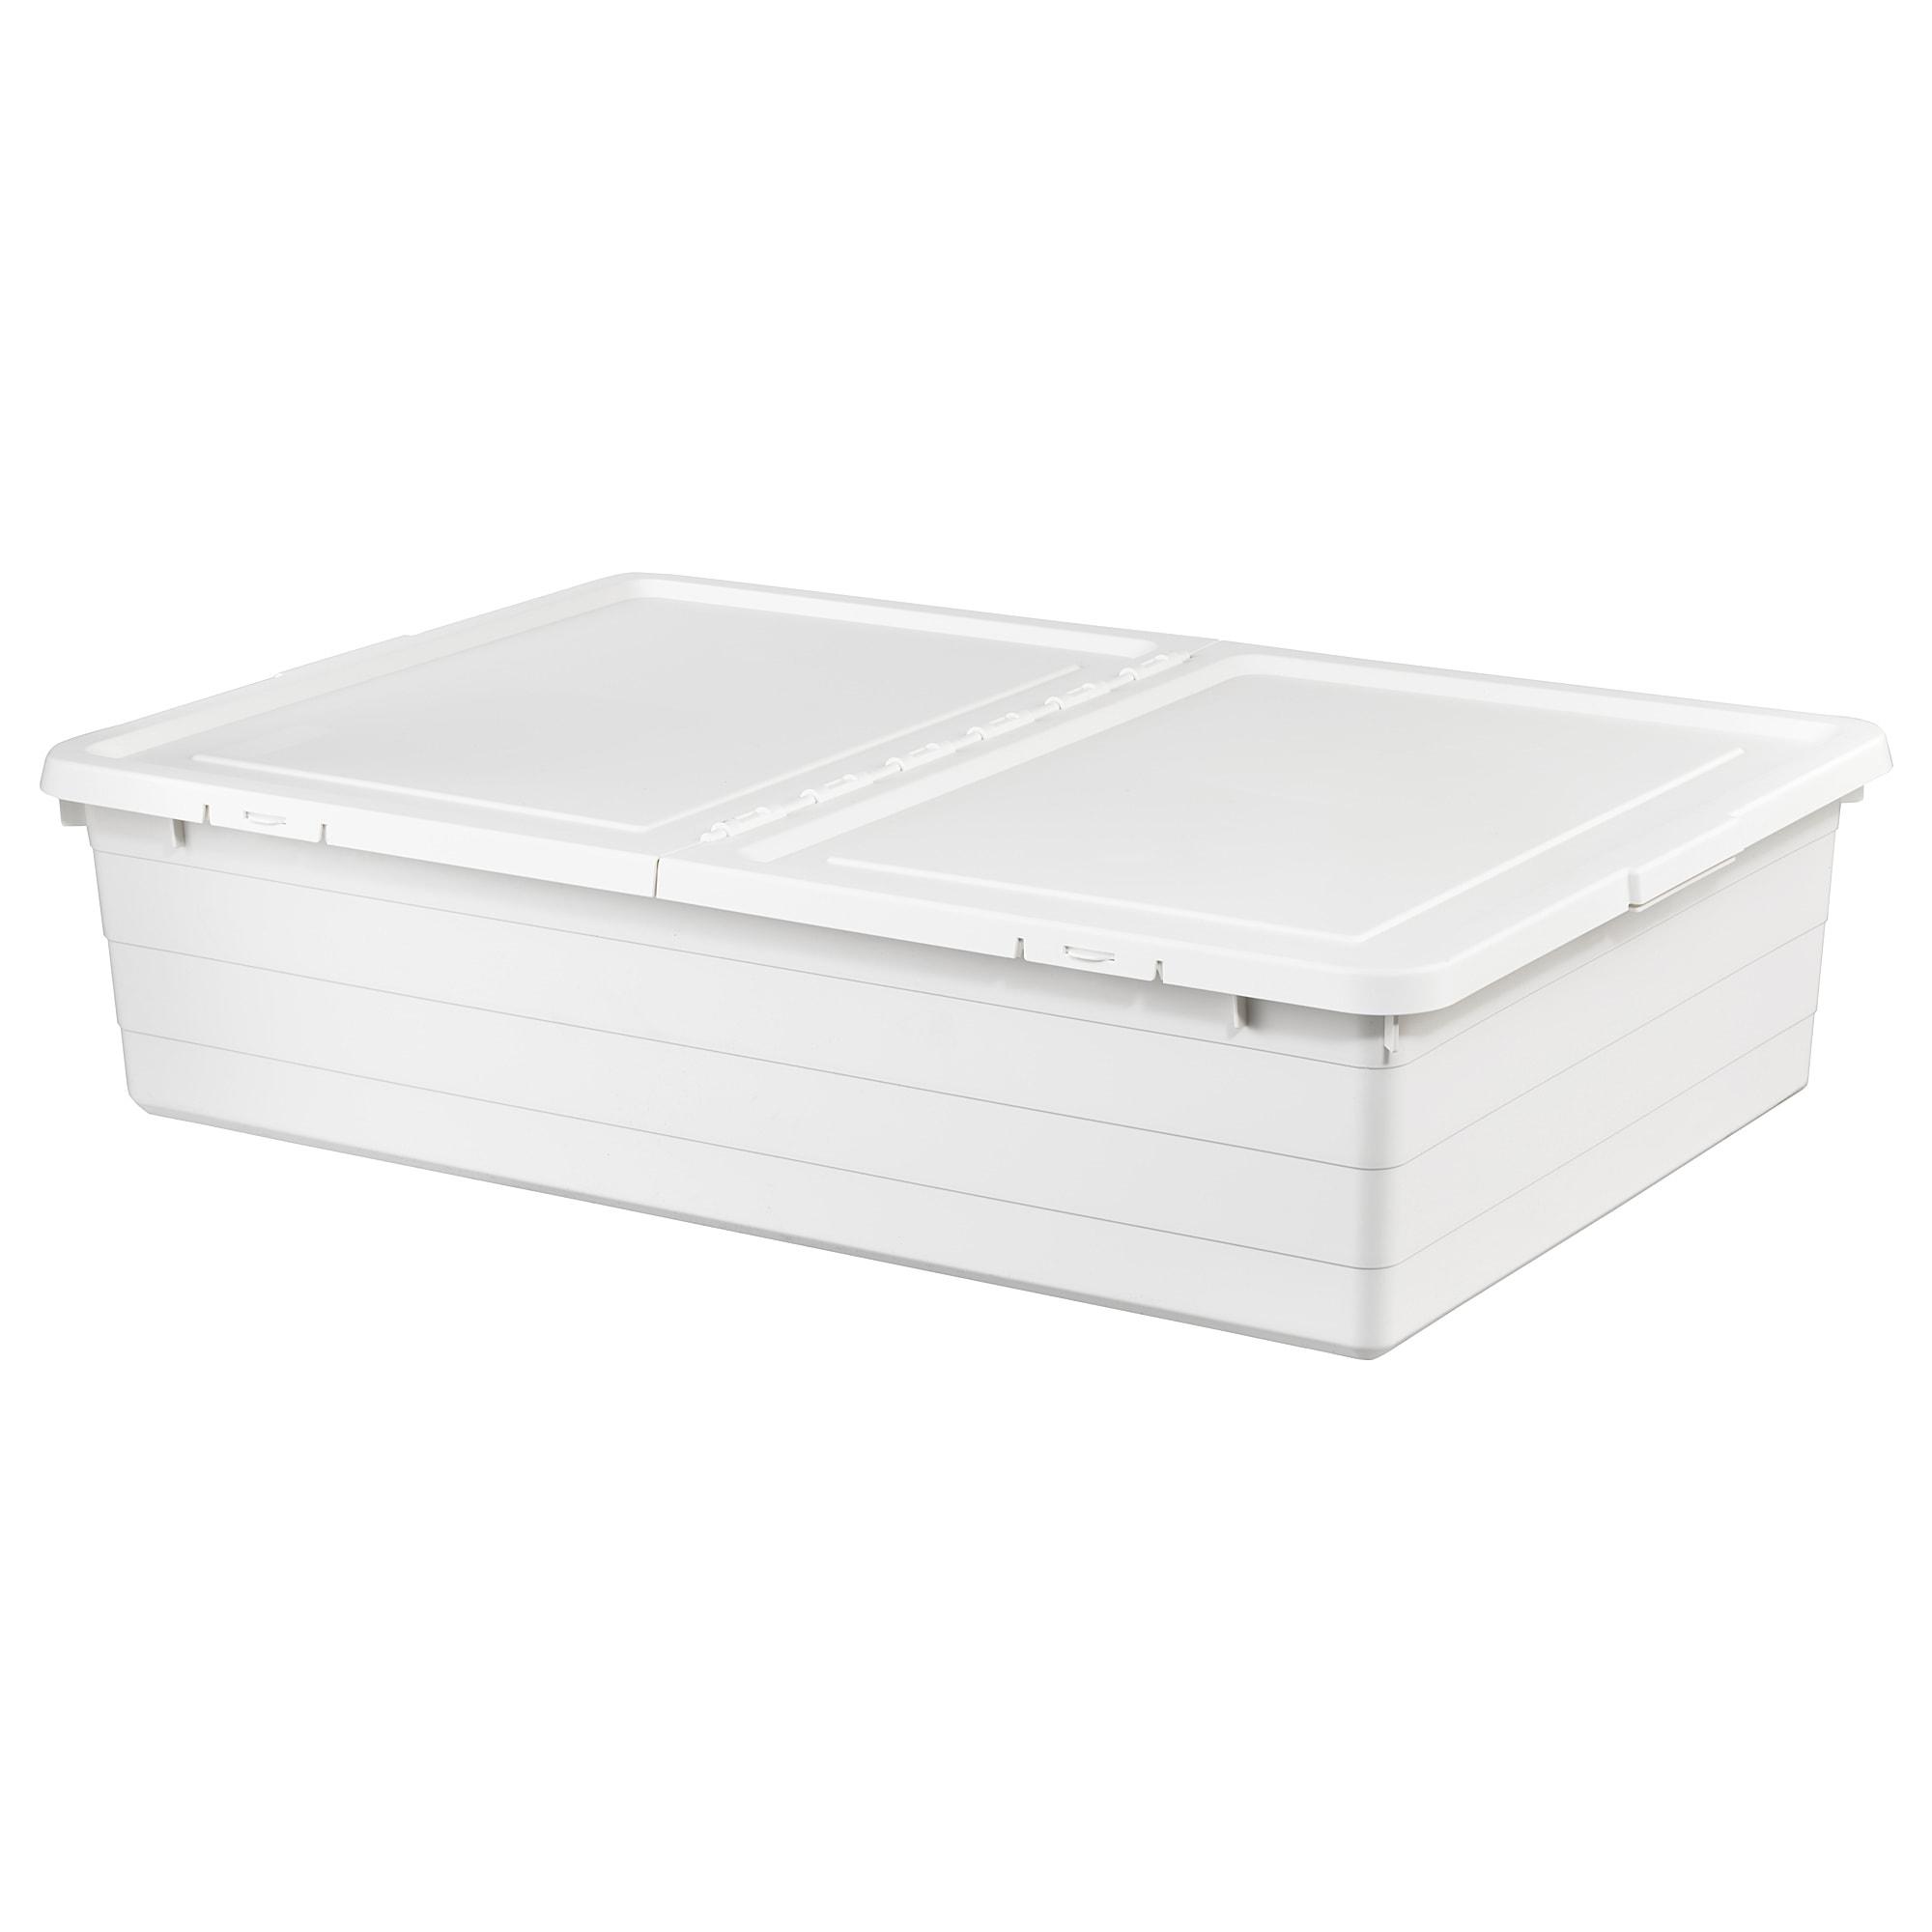 SOCKERBIT Boîte de rangement avec couvercle - blanc - IKEA